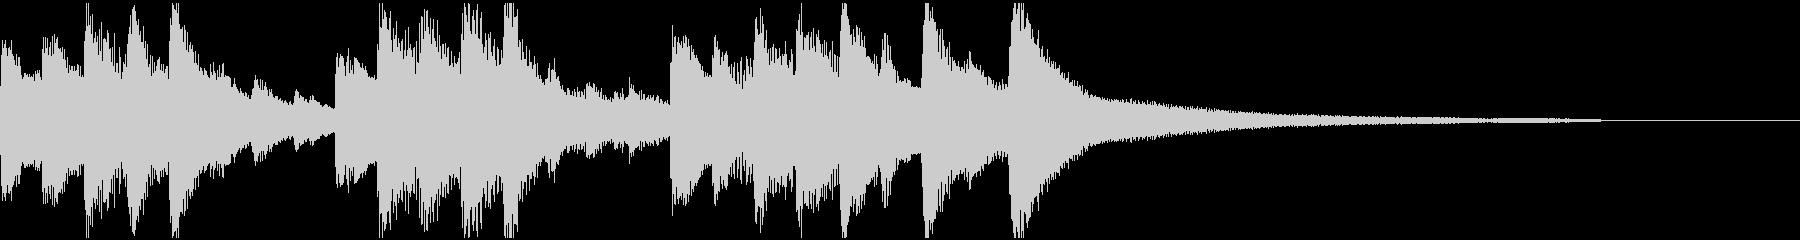 冬向けきれいなピアノジングルの未再生の波形